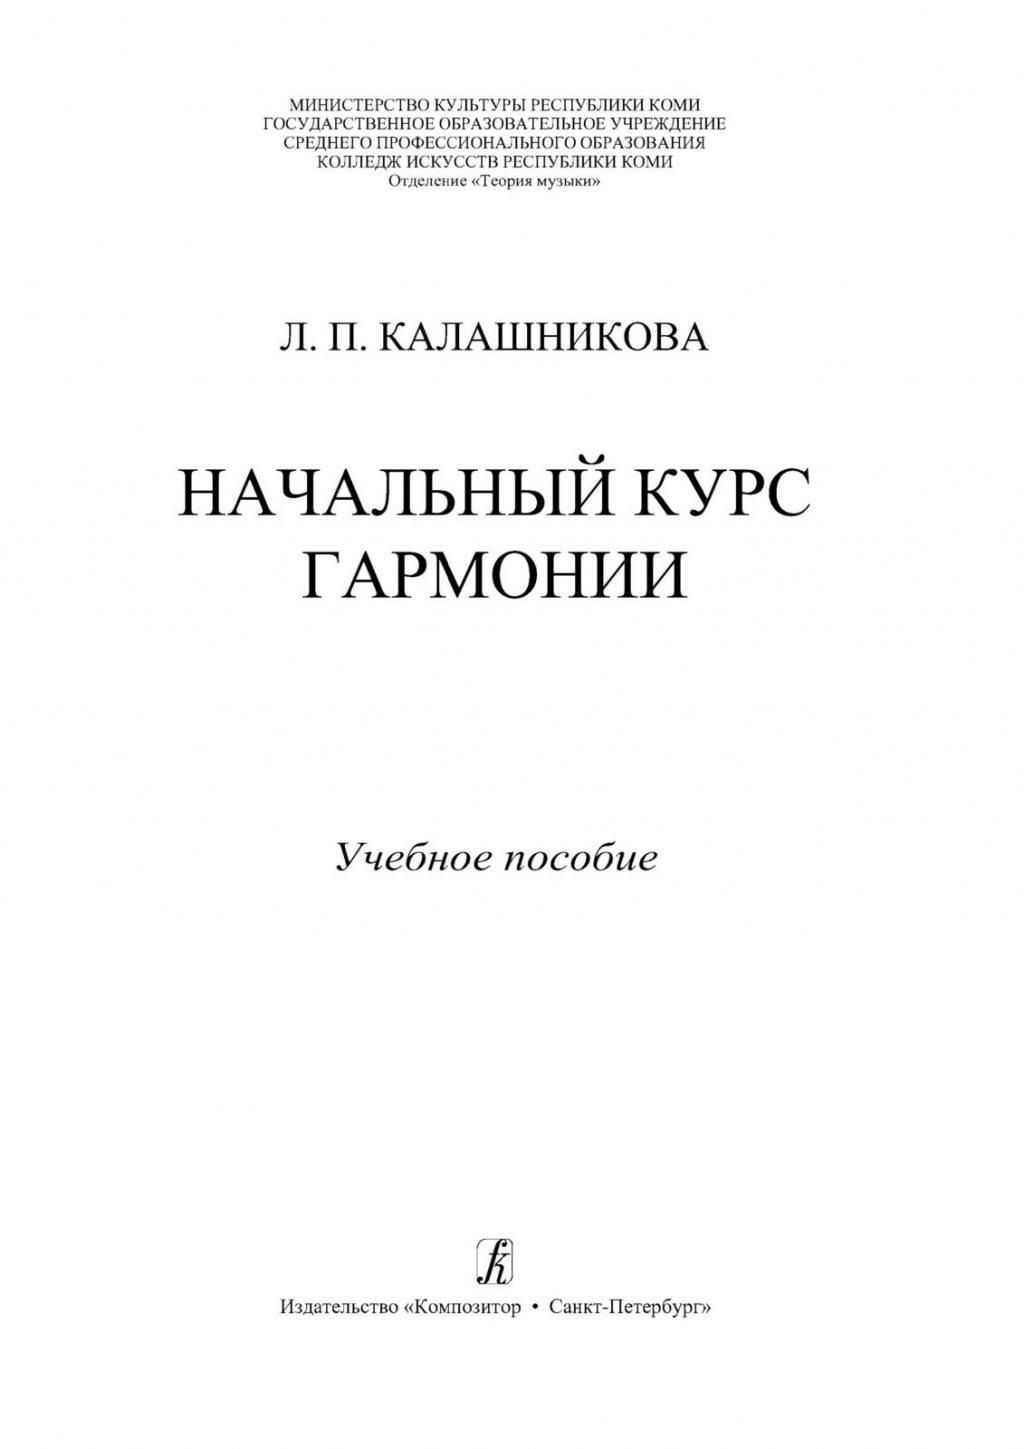 Начальный курс гармонии. Учебное пособие. Калашникова Л.